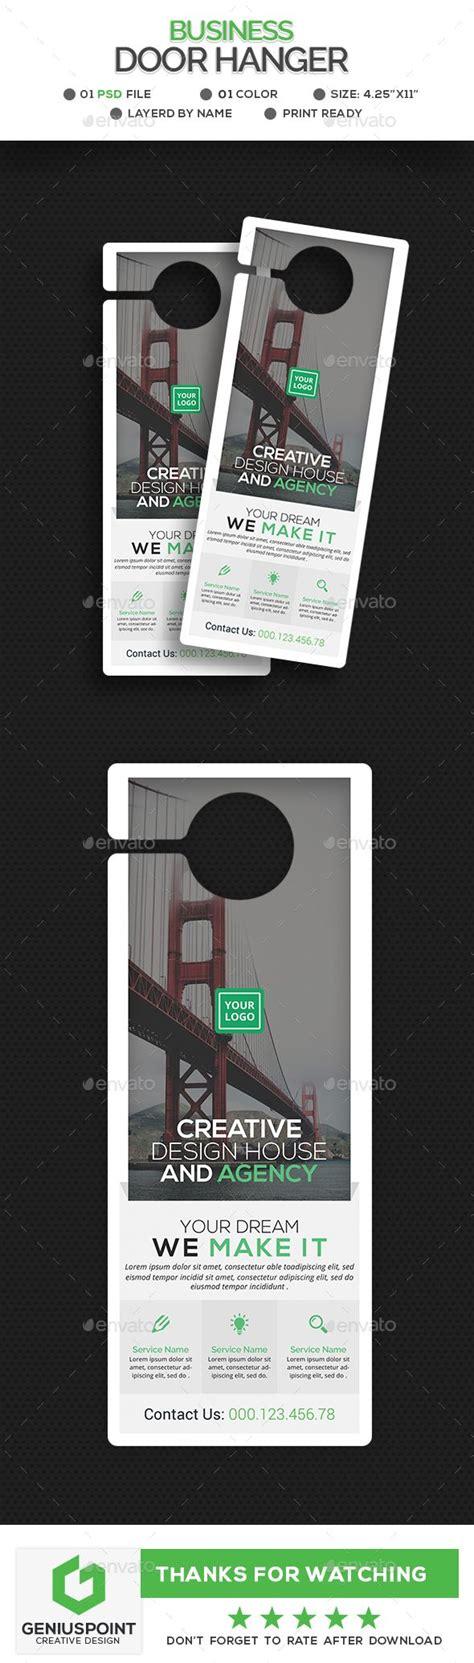 corporate door hanger template miscellaneous print